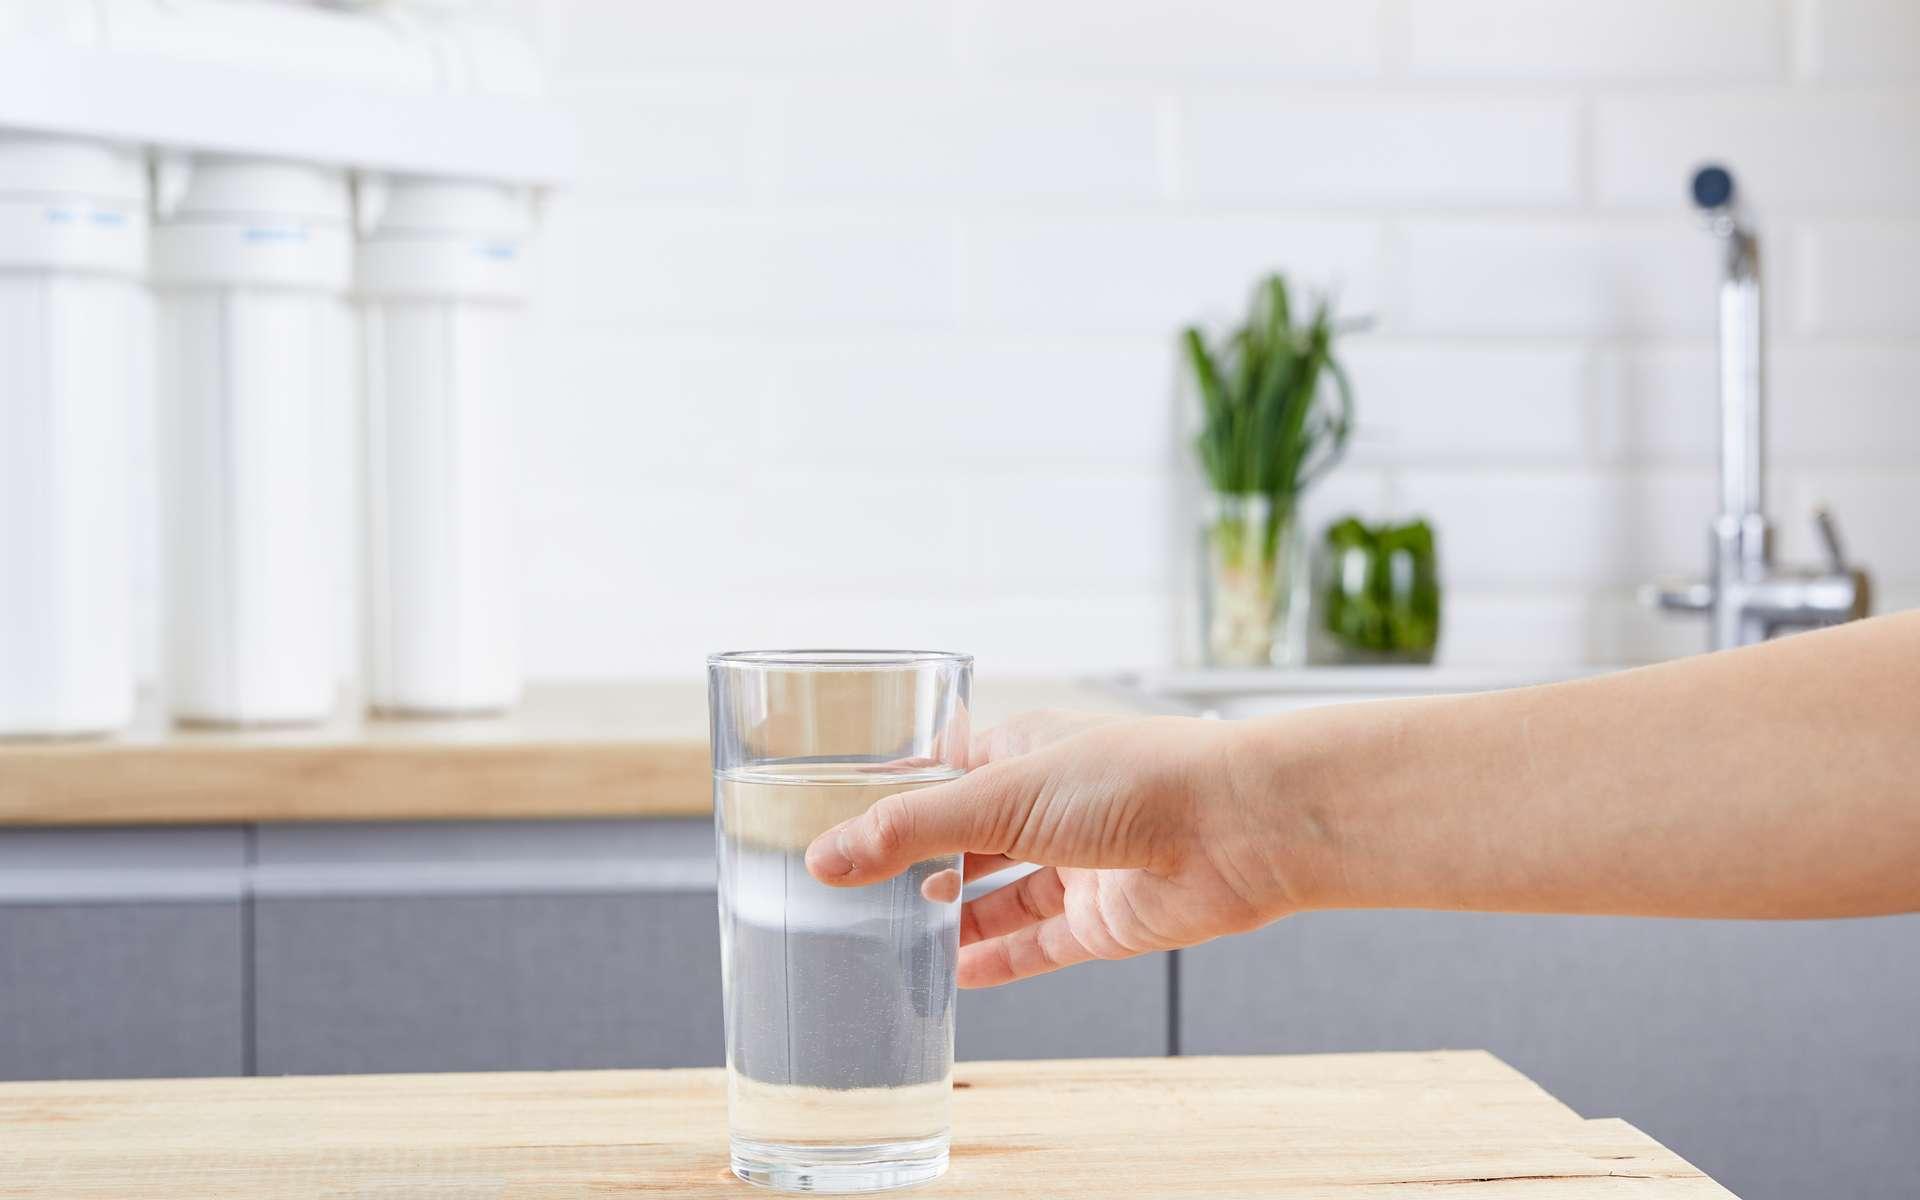 Un modèle d'osmoseur utilisant l'osmose inverse dans le but de filtrer l'eau de façon optimale. © wertinio, Adobe Stock